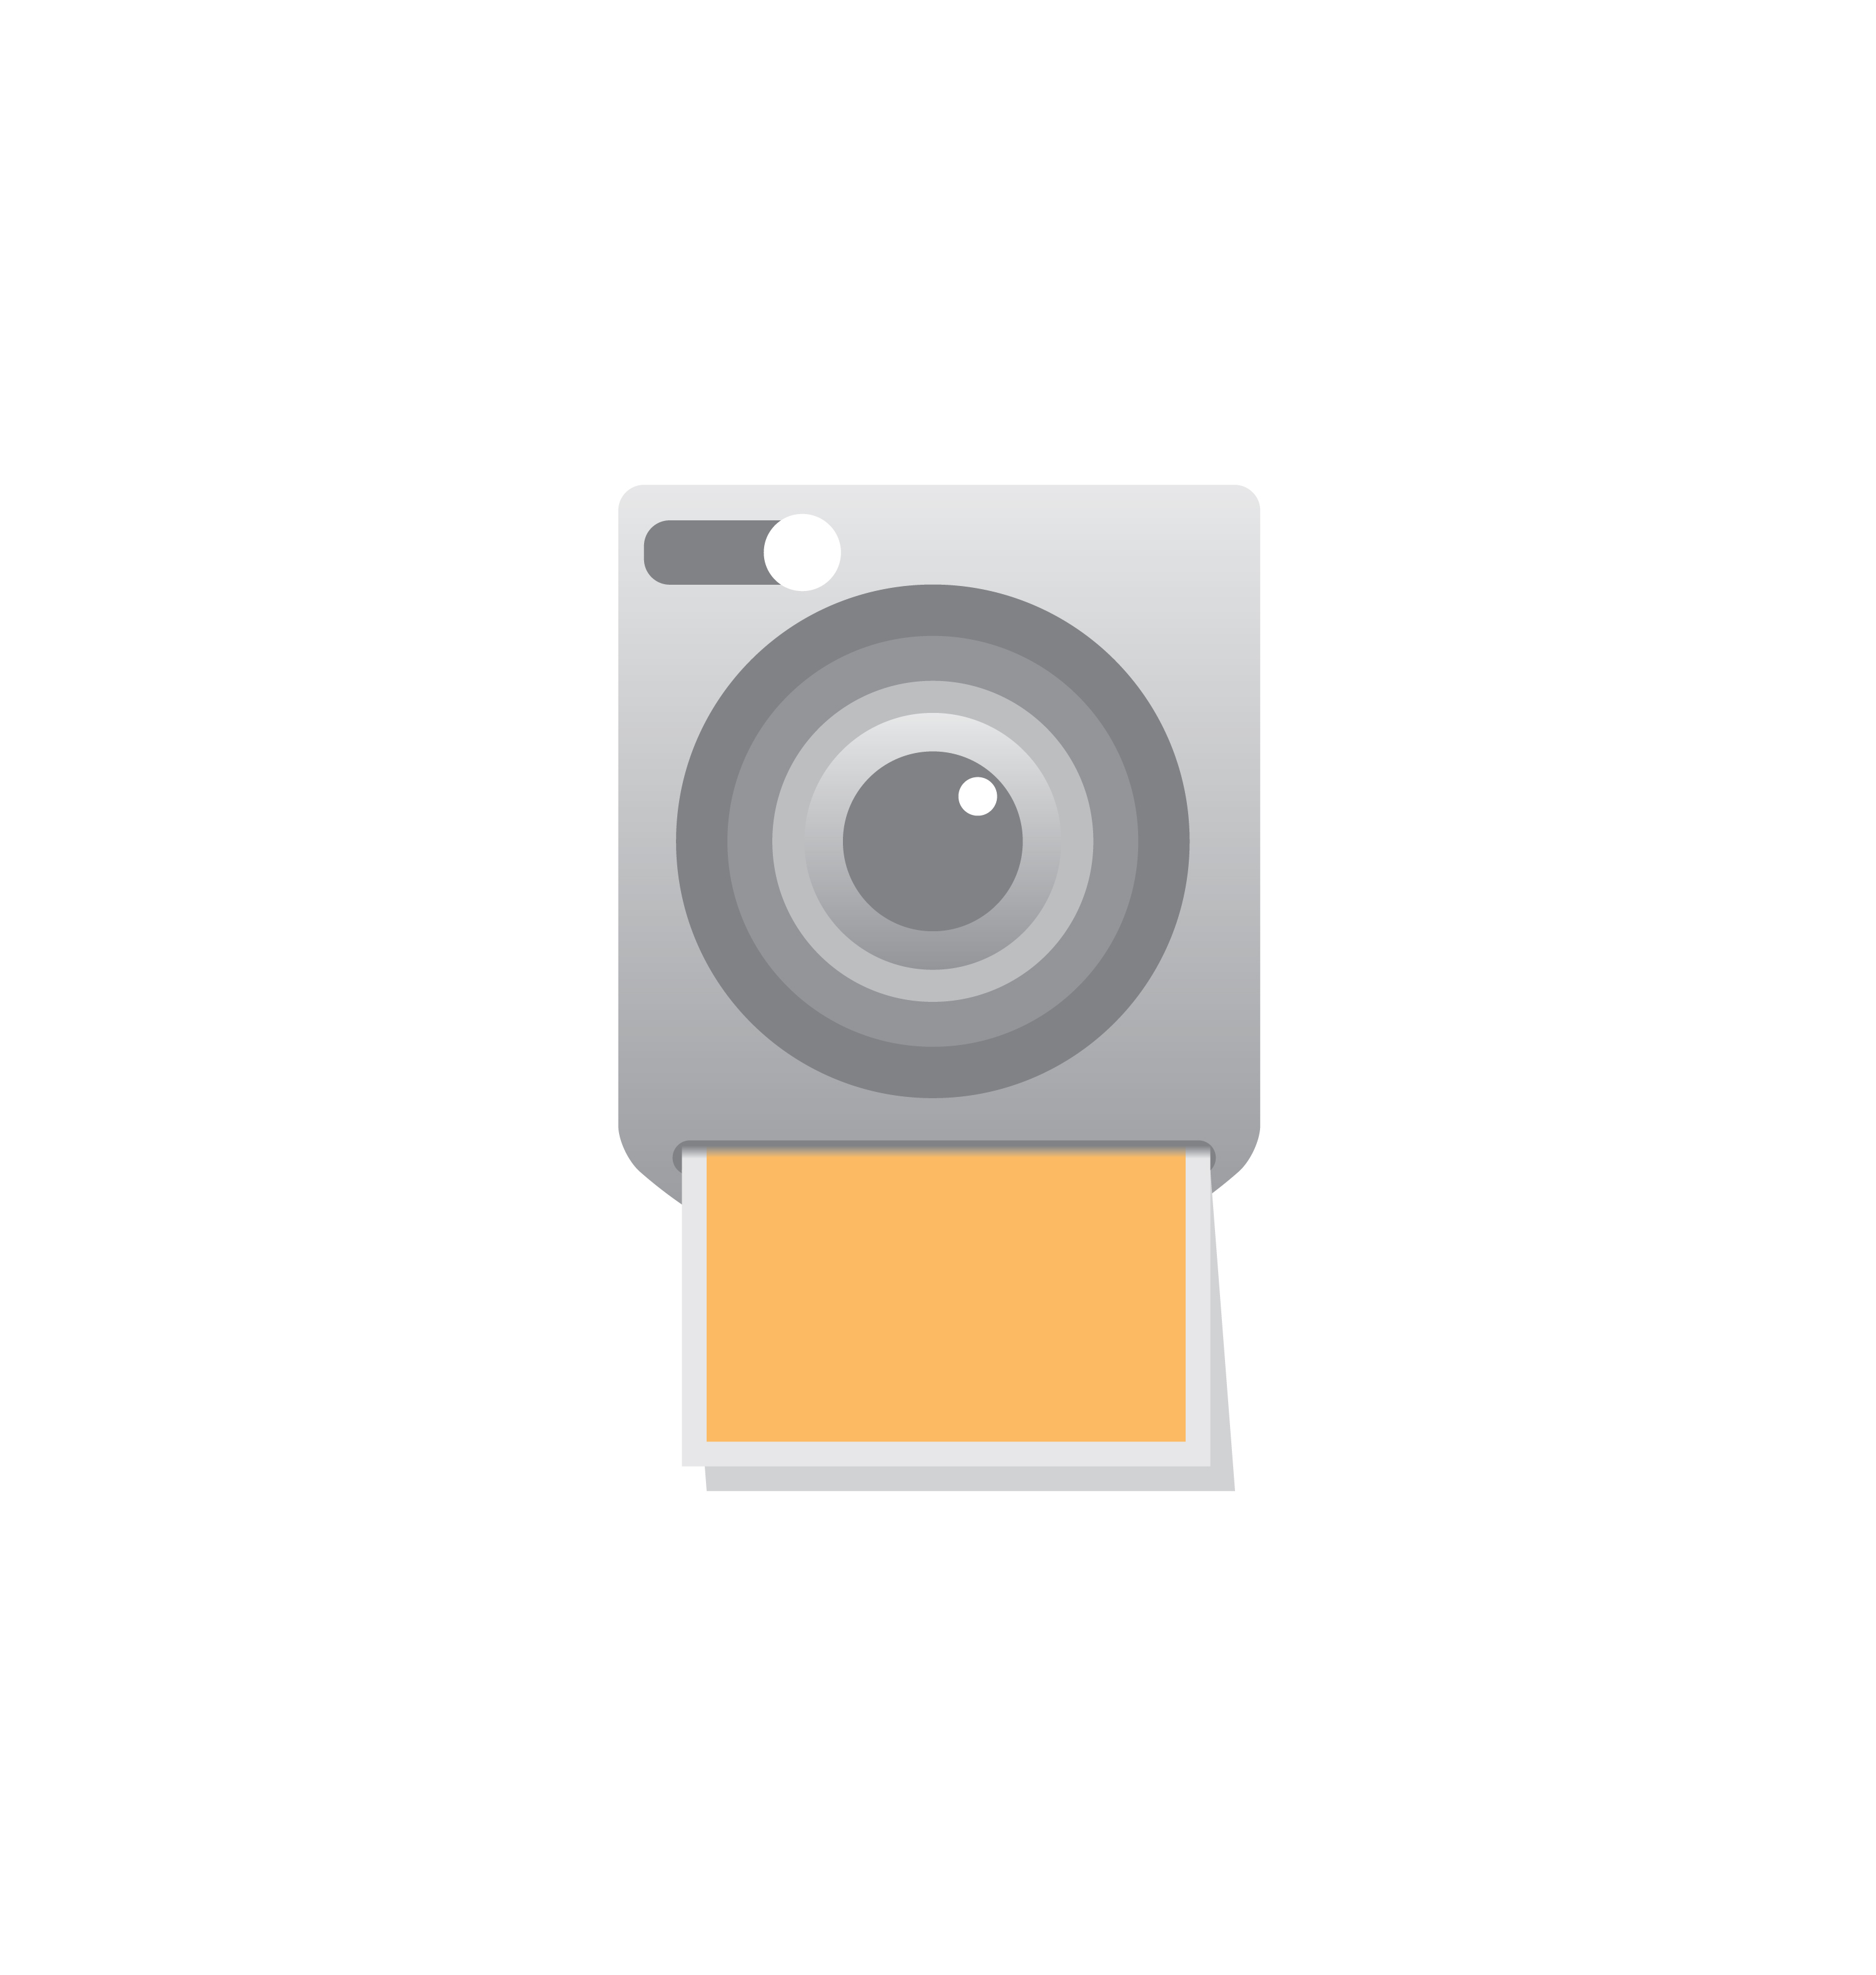 Camera icon vector 7